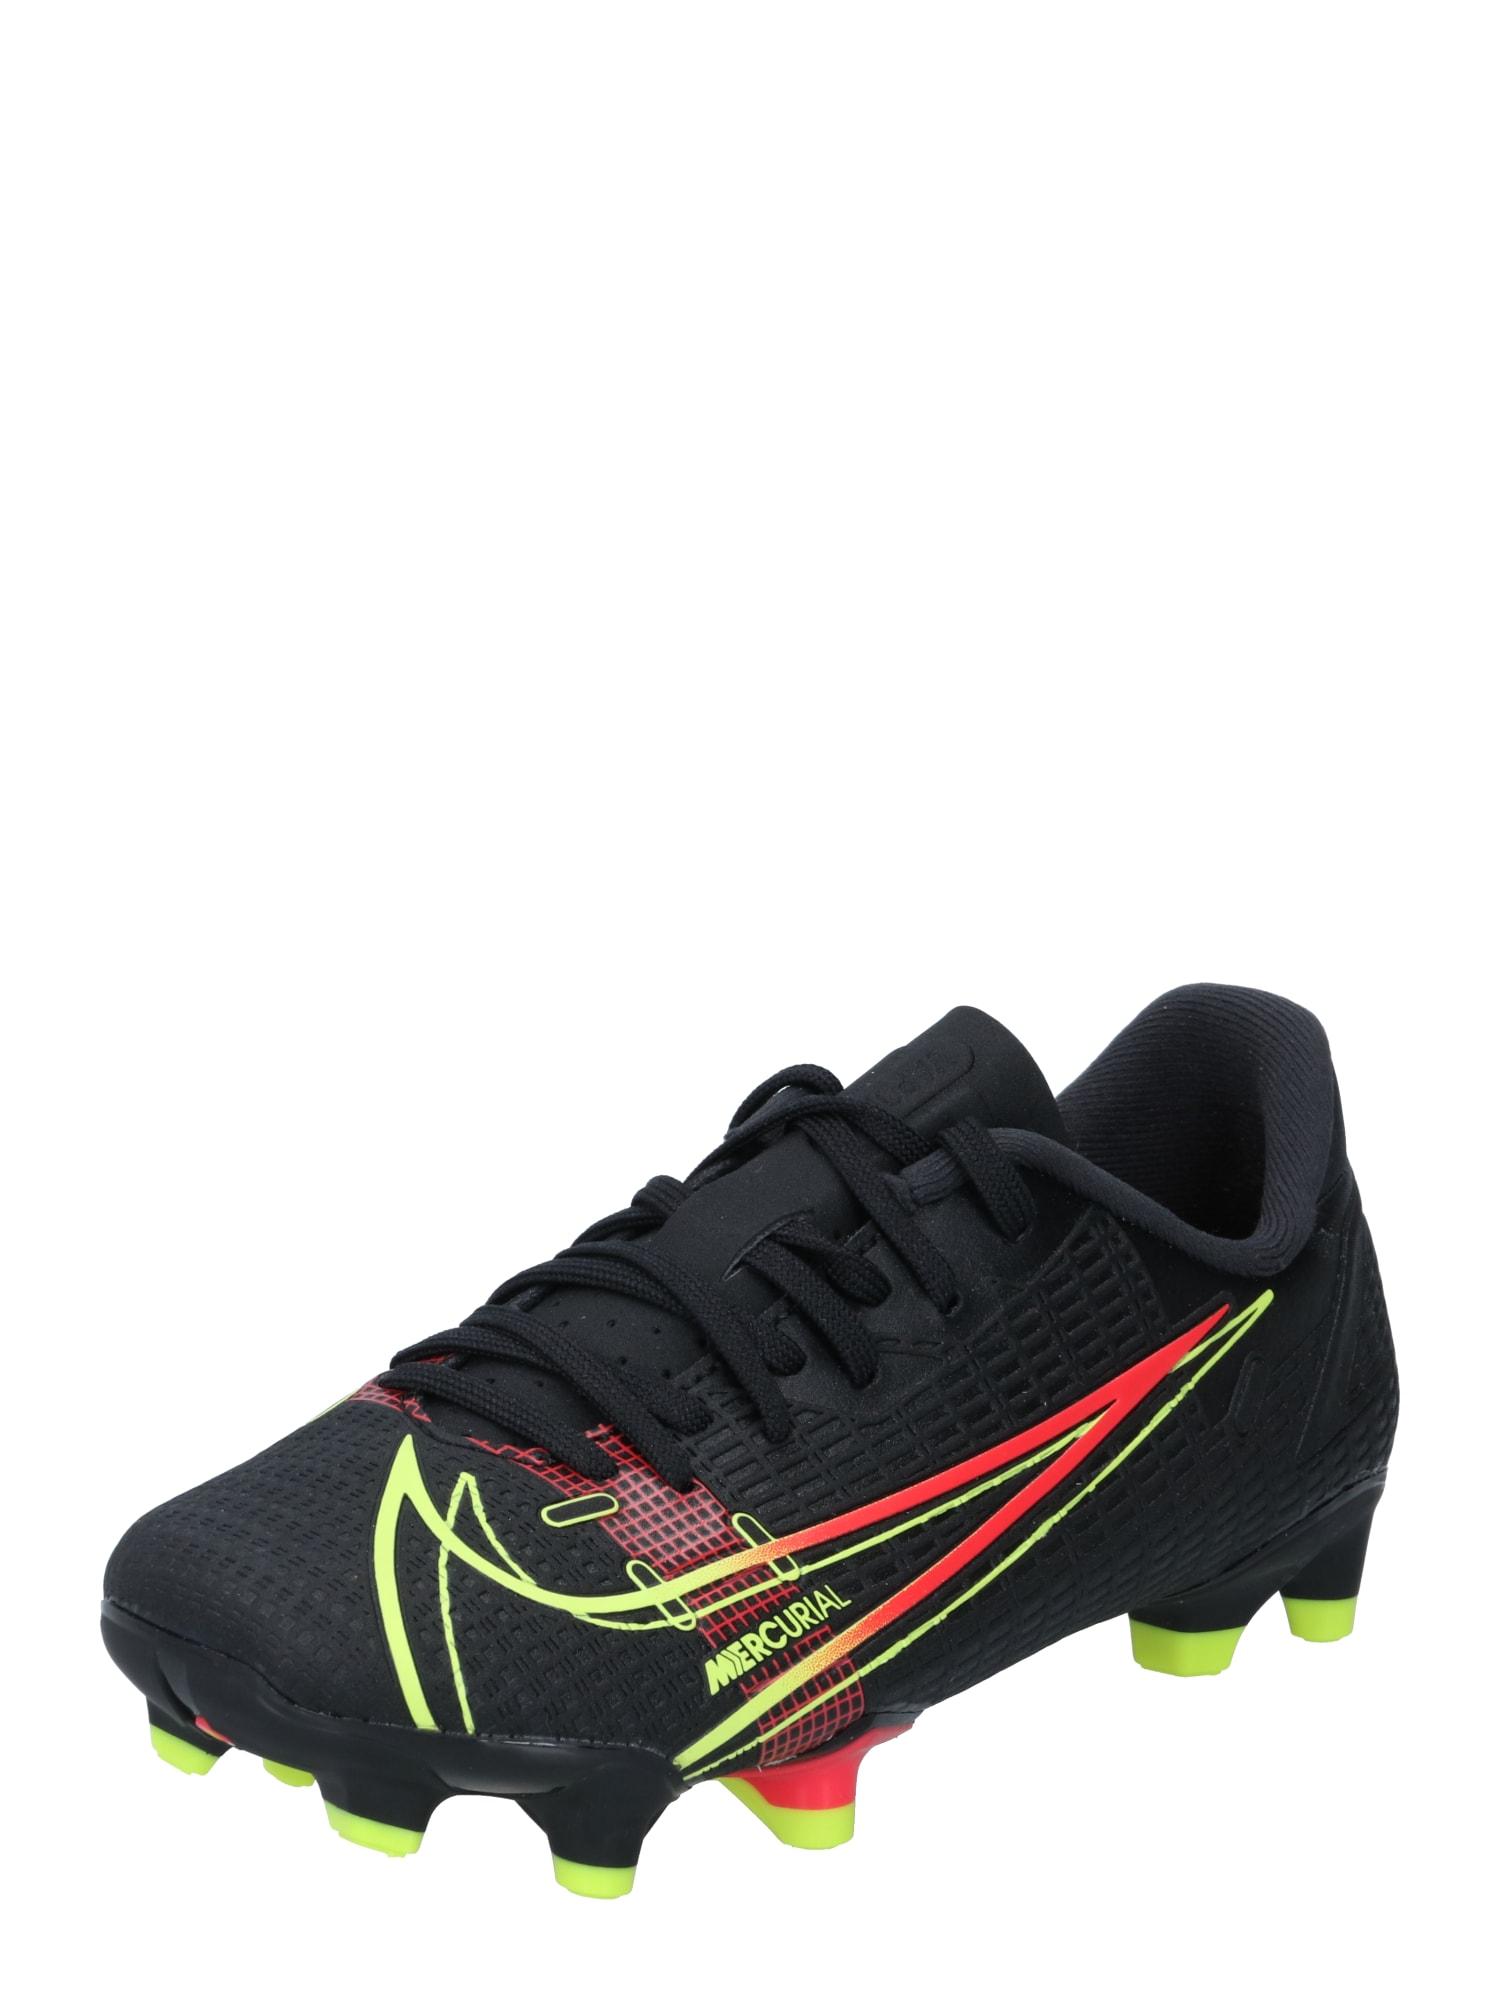 NIKE Sportiniai batai 'VAPOR' juoda